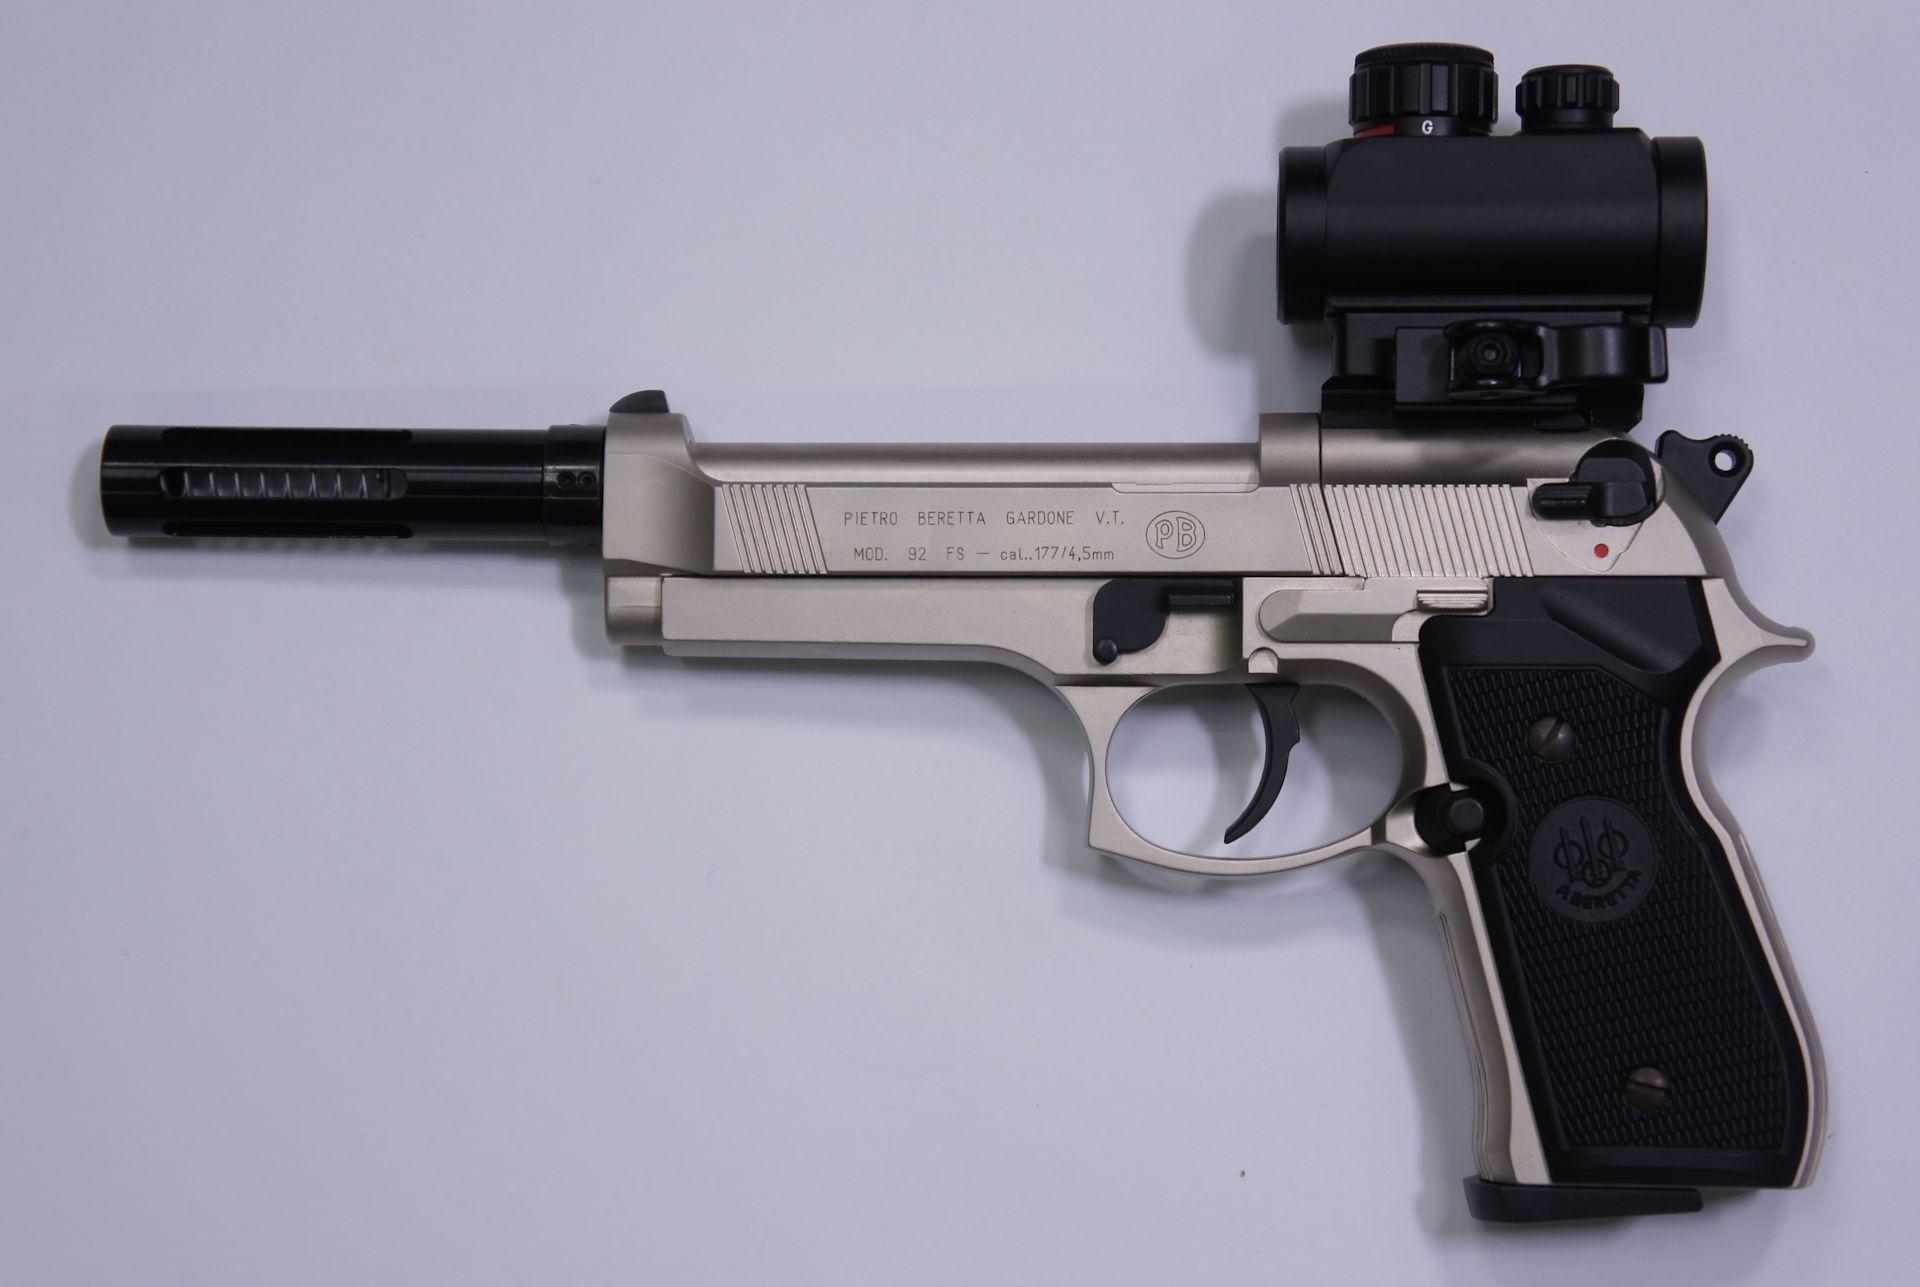 Montagebeispiel mit Kompensator anstelle vom Schalldämpfer an der Beretta 92 FS